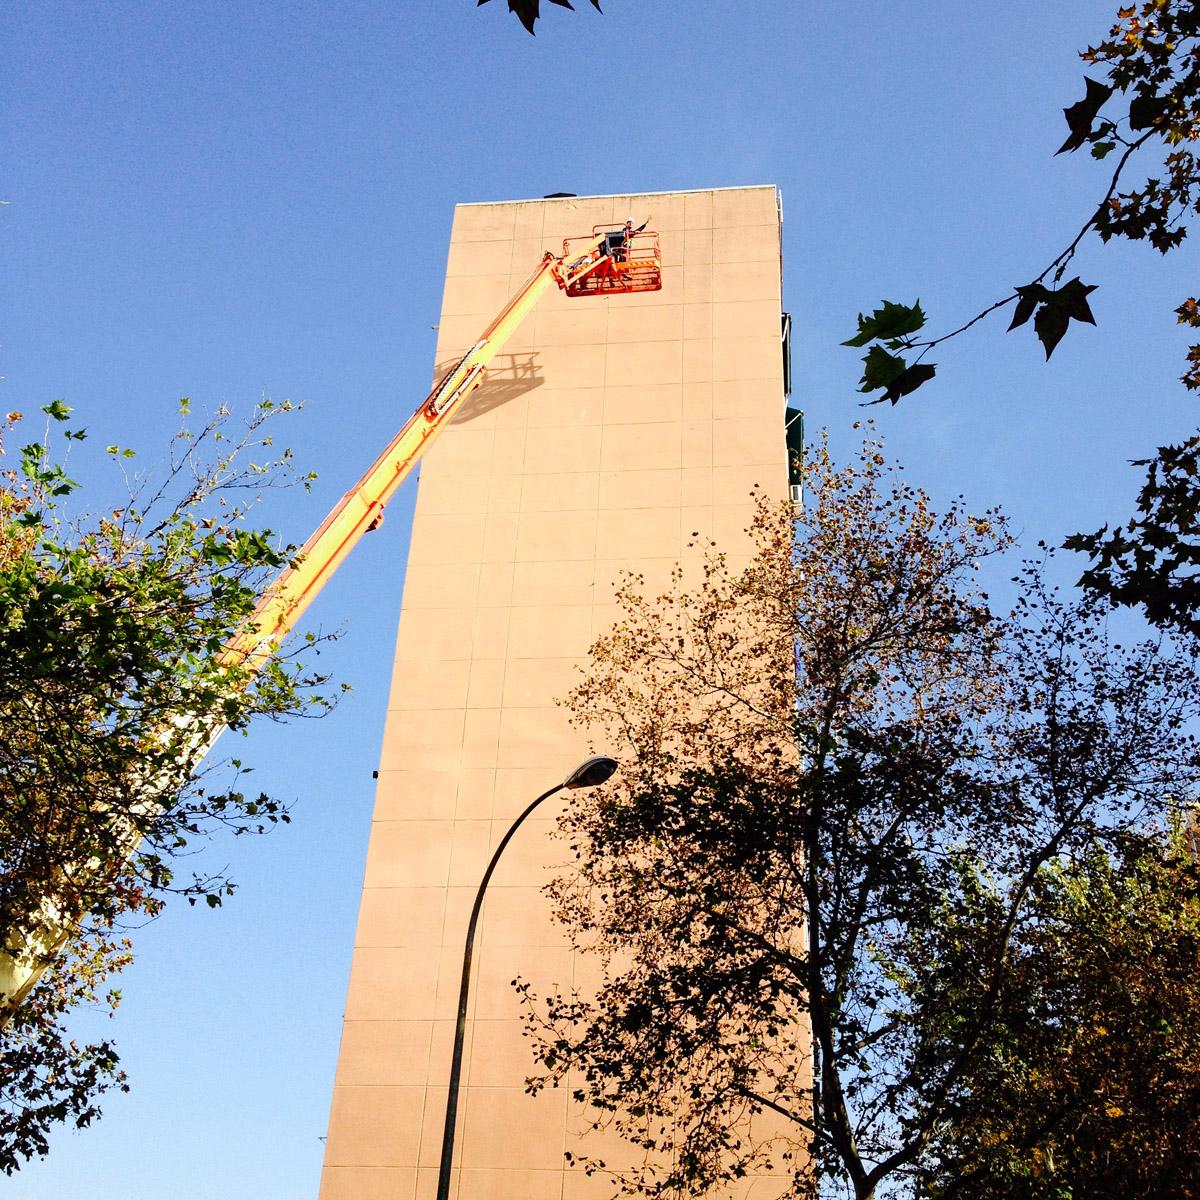 3ttman-la-chutte-new-mural-in-madrid-02